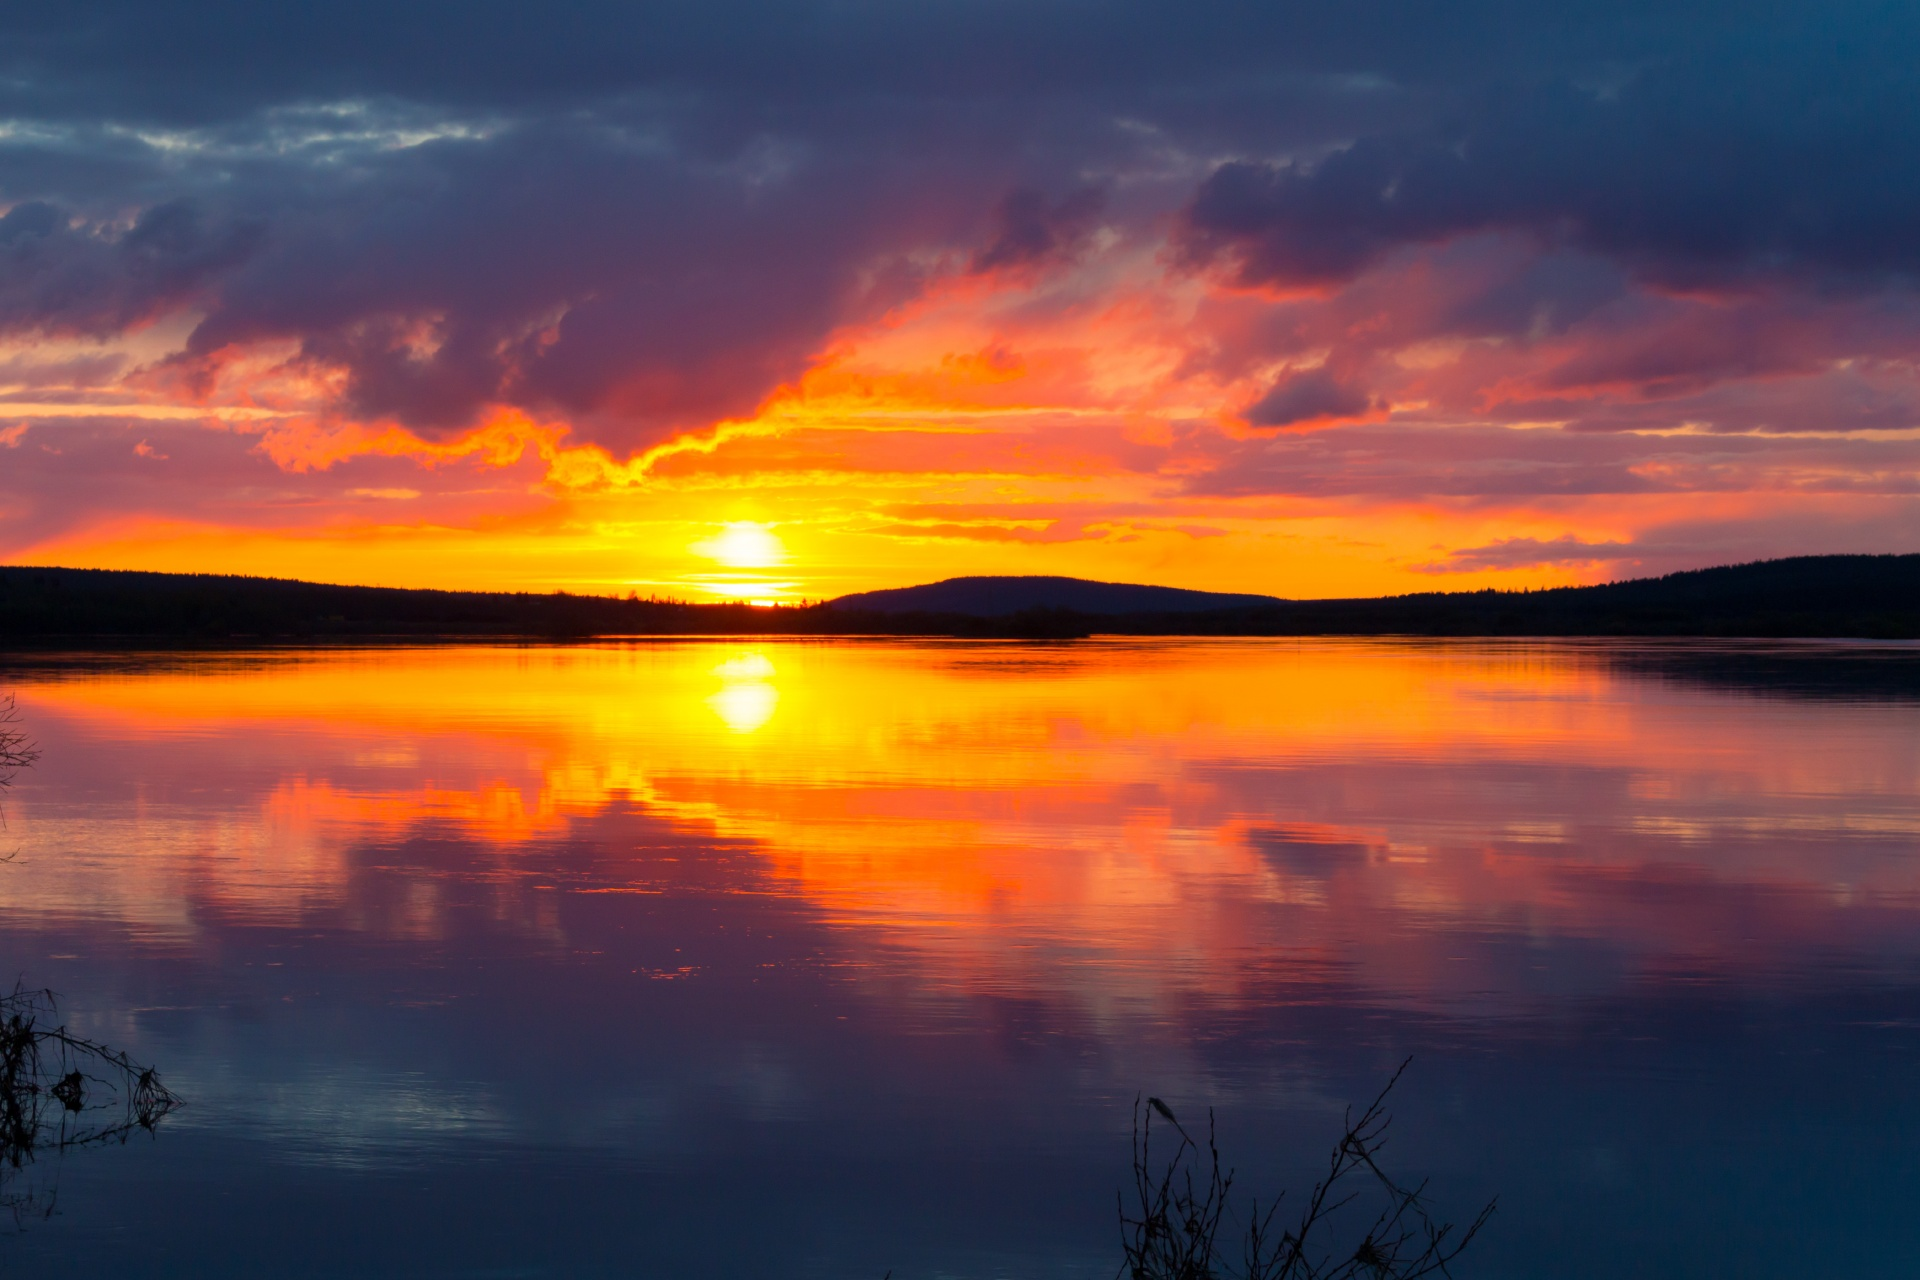 ラップランドの夕日 ロヴァニエミ フィンランドの風景